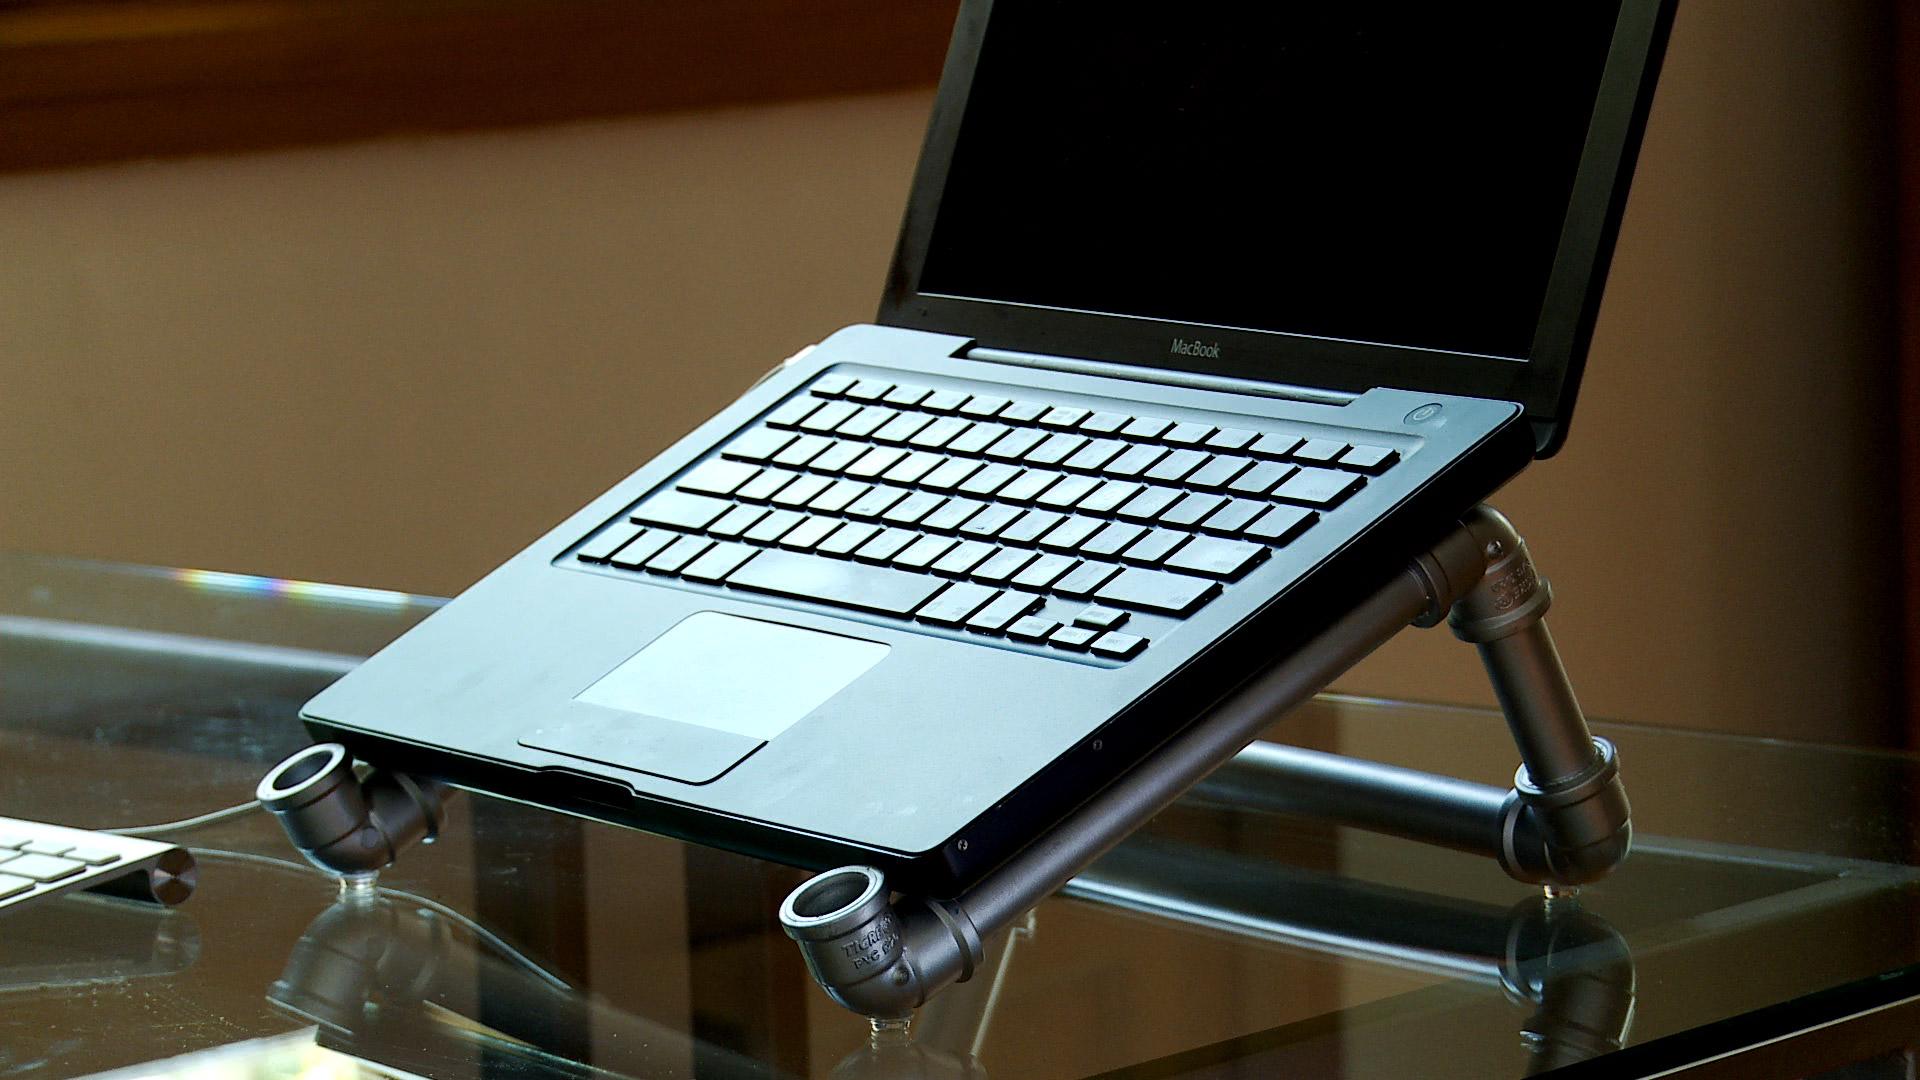 Para organizar de buena manera el lugar de estudio podemos hacernos un soporte para el notebook o laptop, que lo deje levantado para no tapar la ventilación, que permita inclinar la pantalla para mejorar la visión y mantener el teclado en una posición más cómoda.